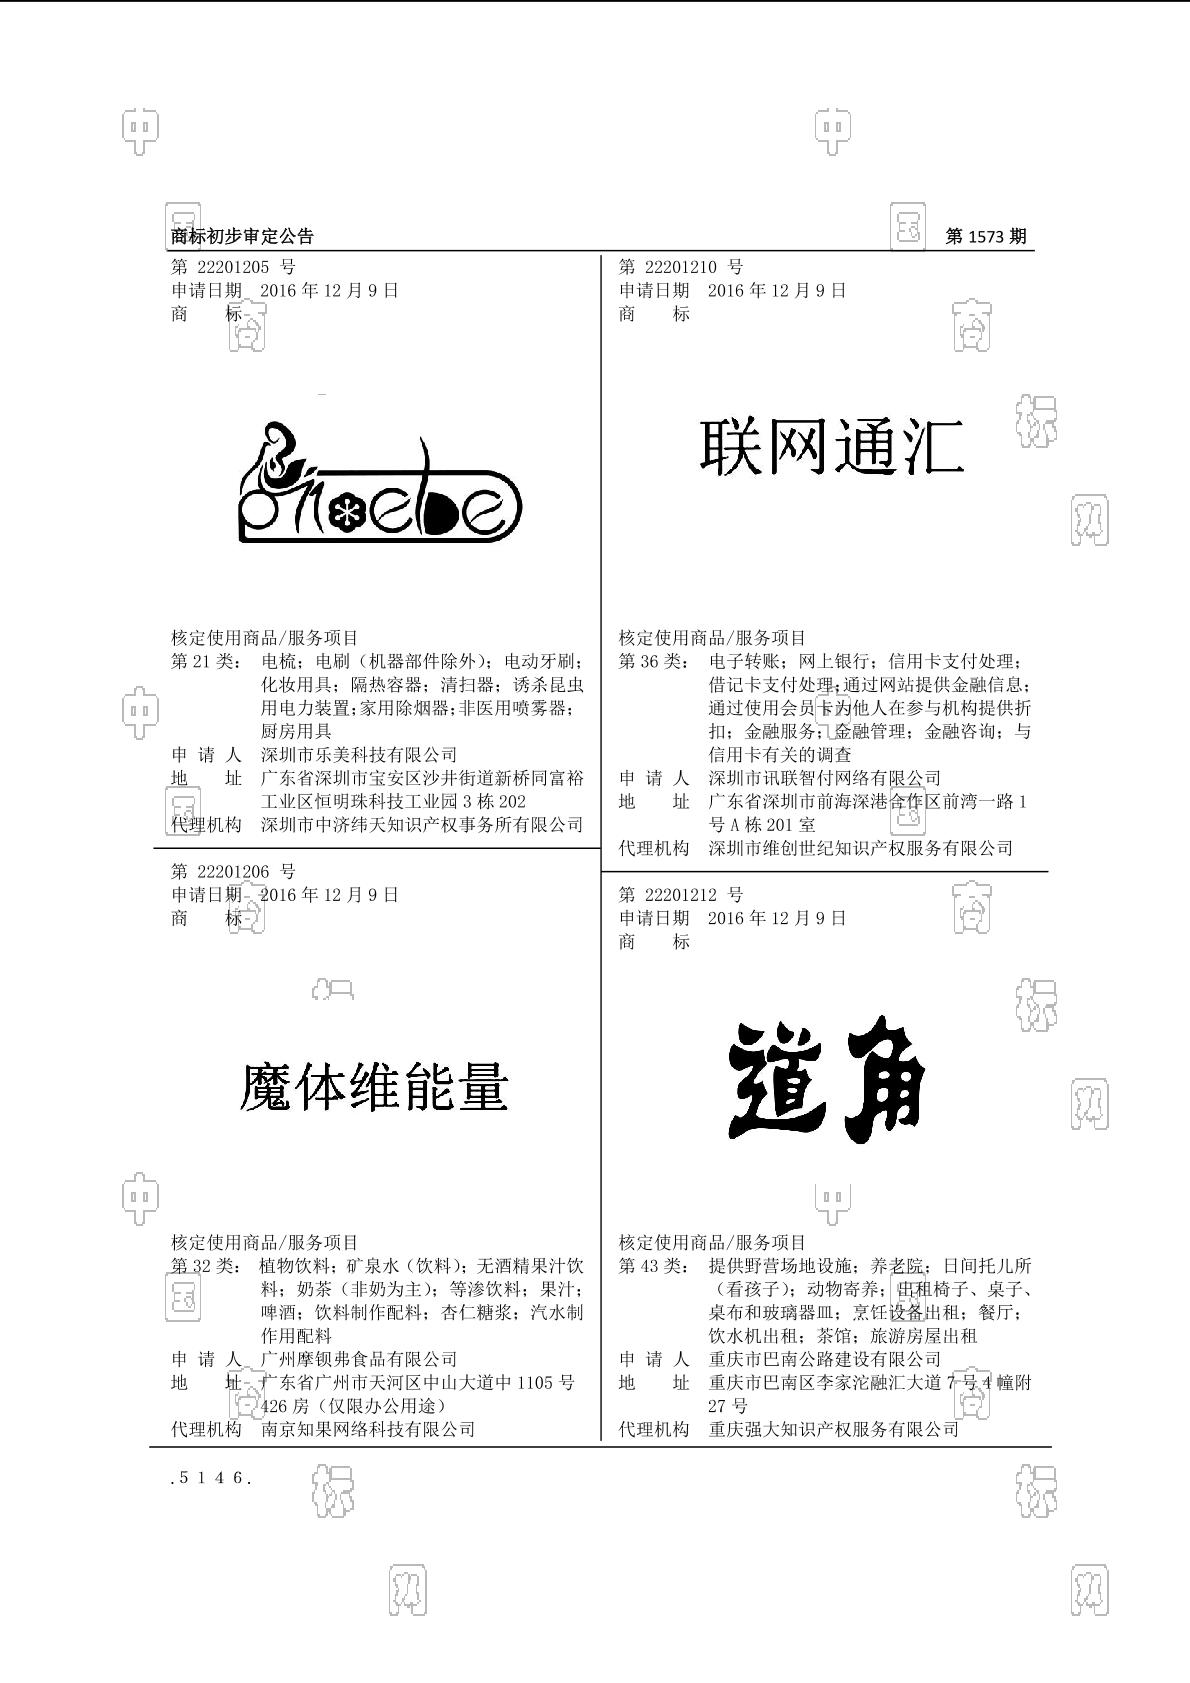 【社标网】22201205商标状态注册号信息 深圳市乐美科技有限公司商标信息-商标查询